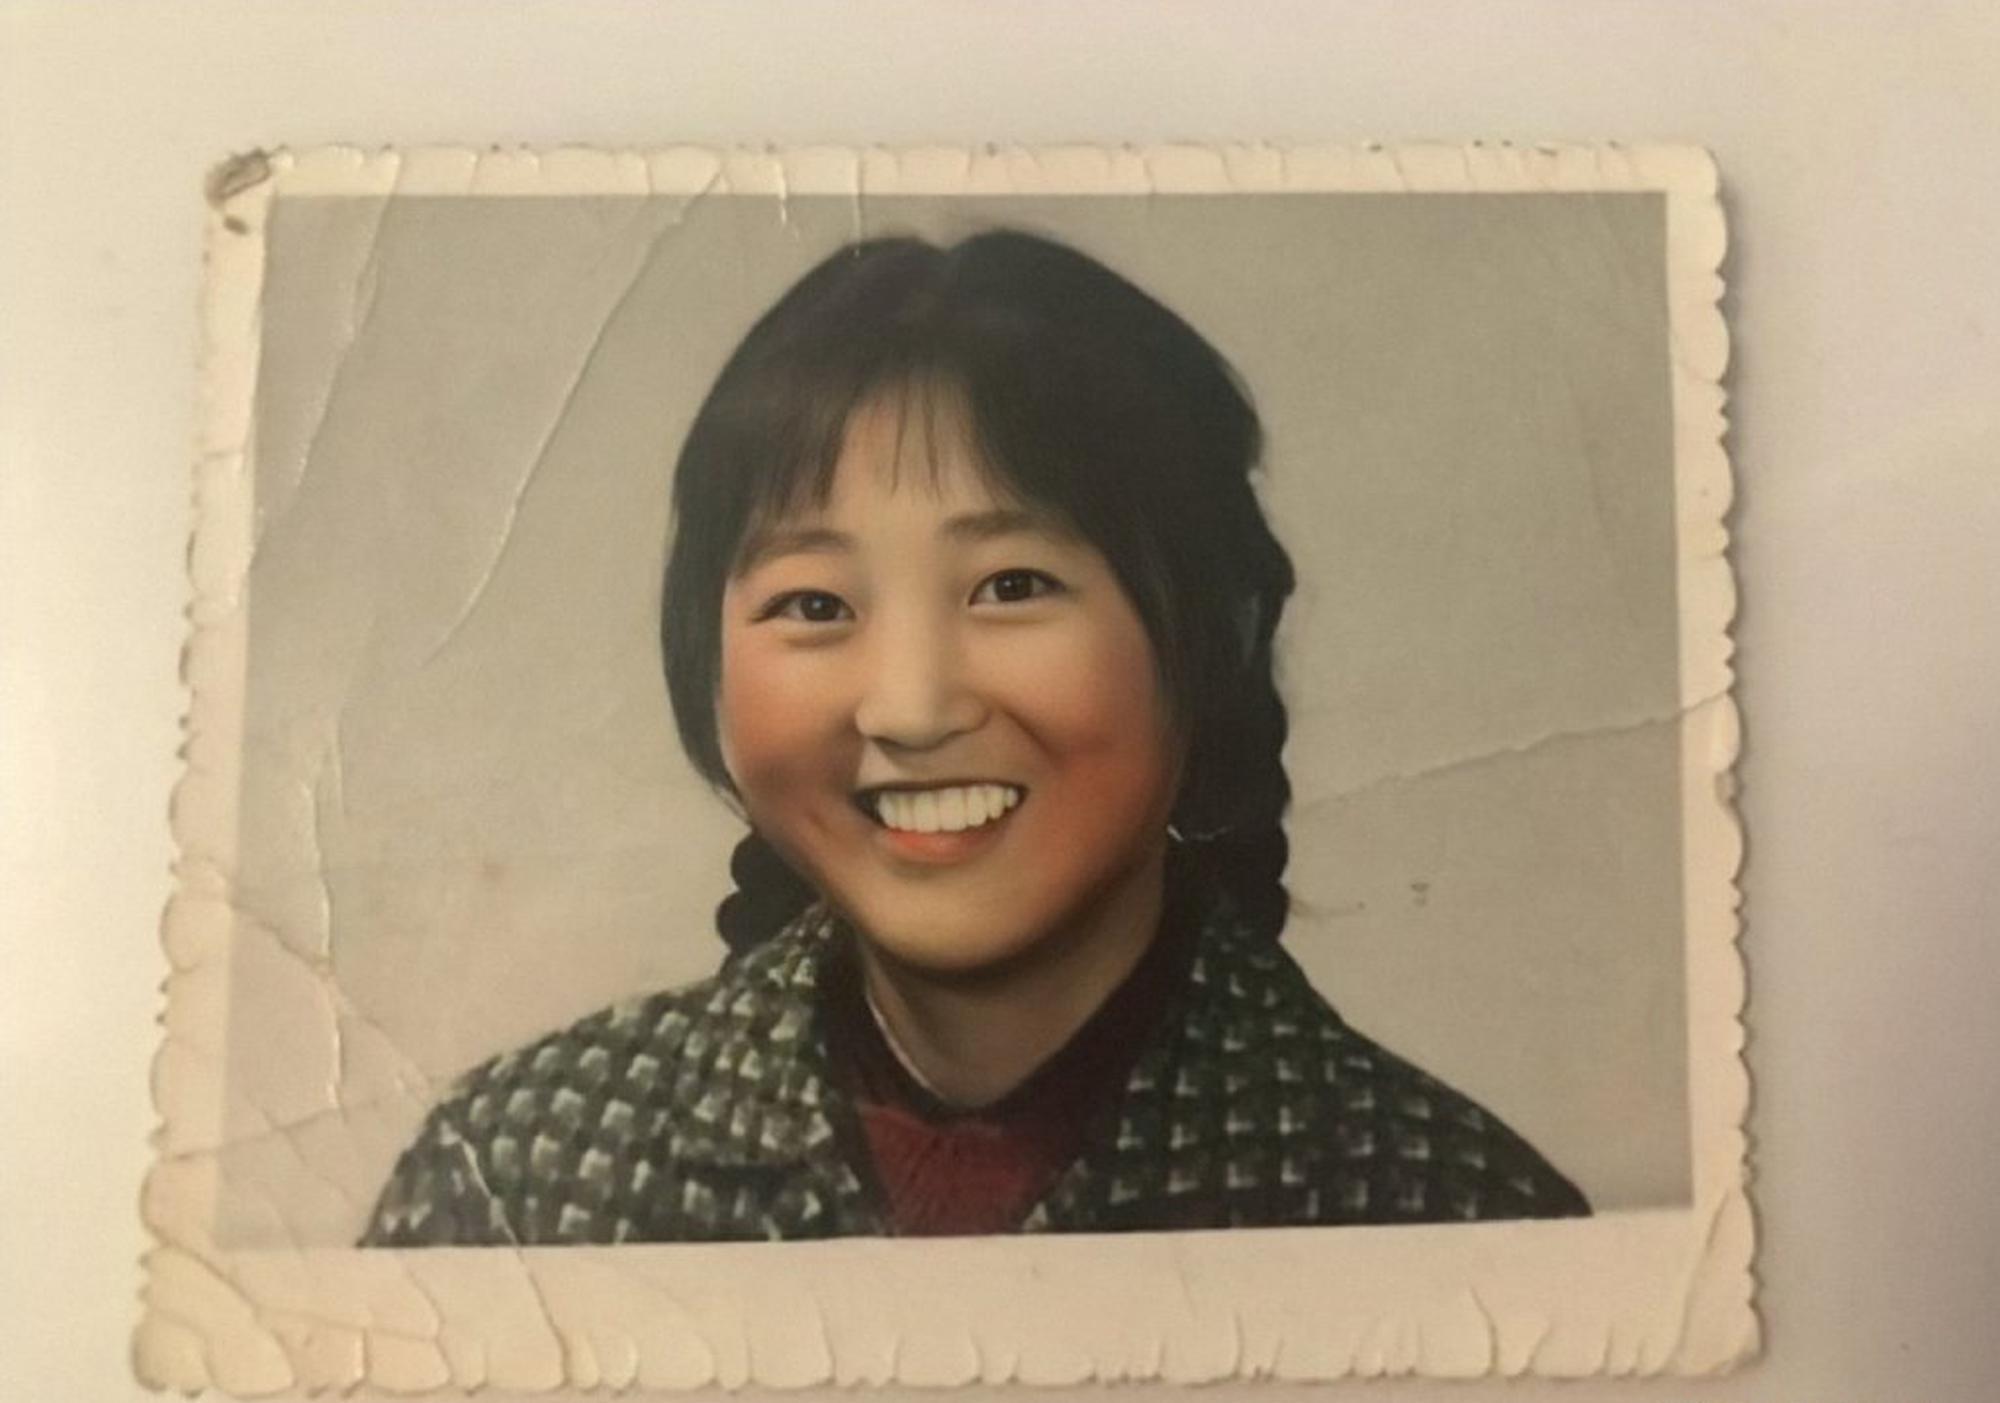 《李焕英》为啥这么火?贾玲母亲照片一出 观众彻底泪崩